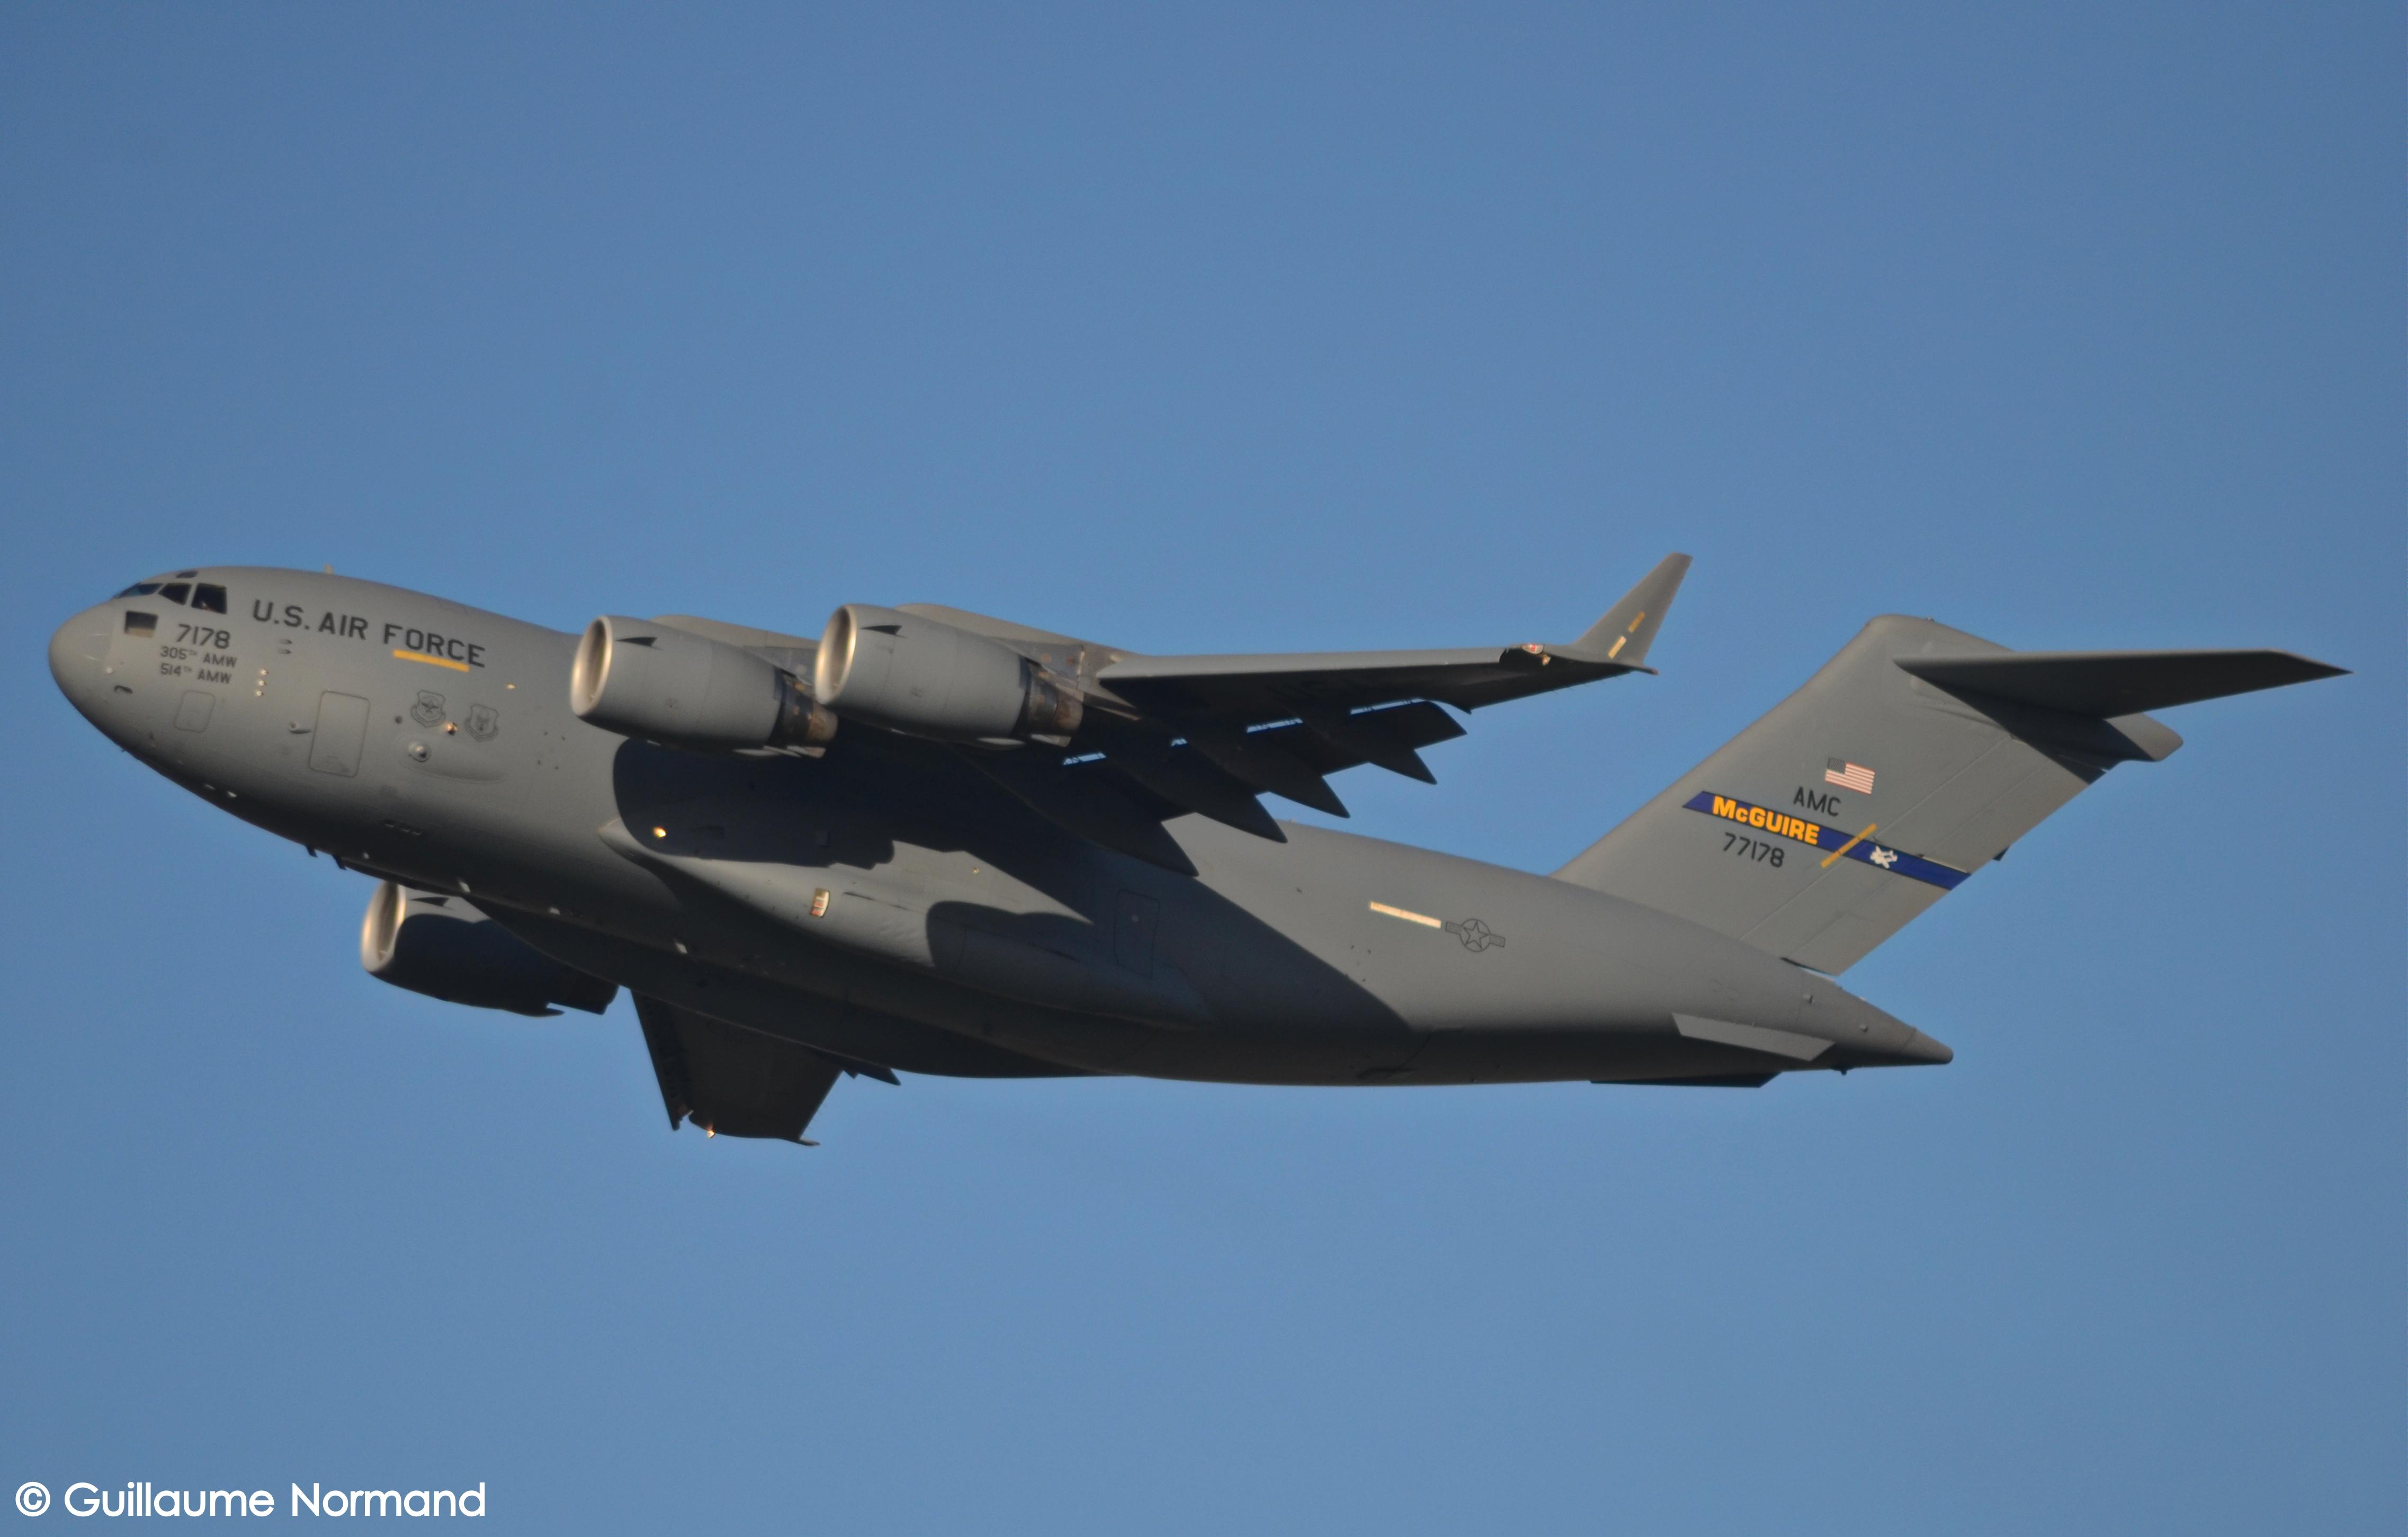 File:Boeing C17 US Air Force 07-7178 (23402934675).jpg